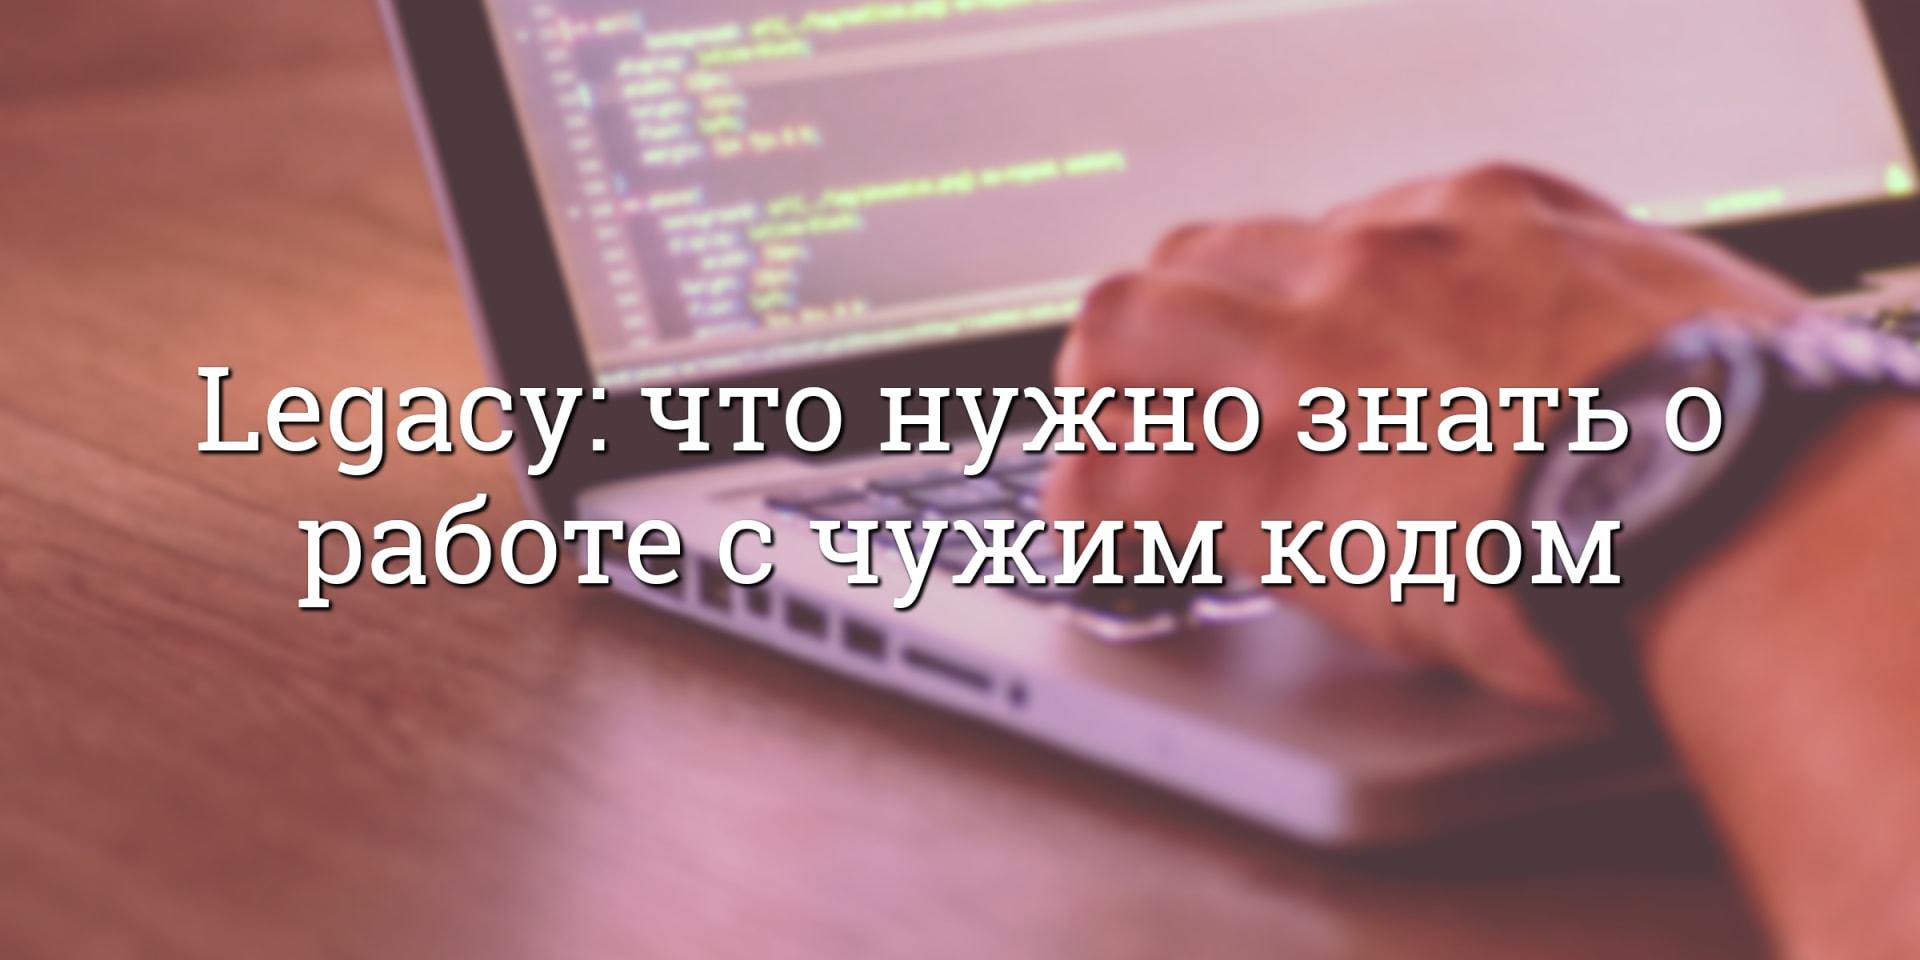 Legacy: что нужно знать о работе с чужим кодом